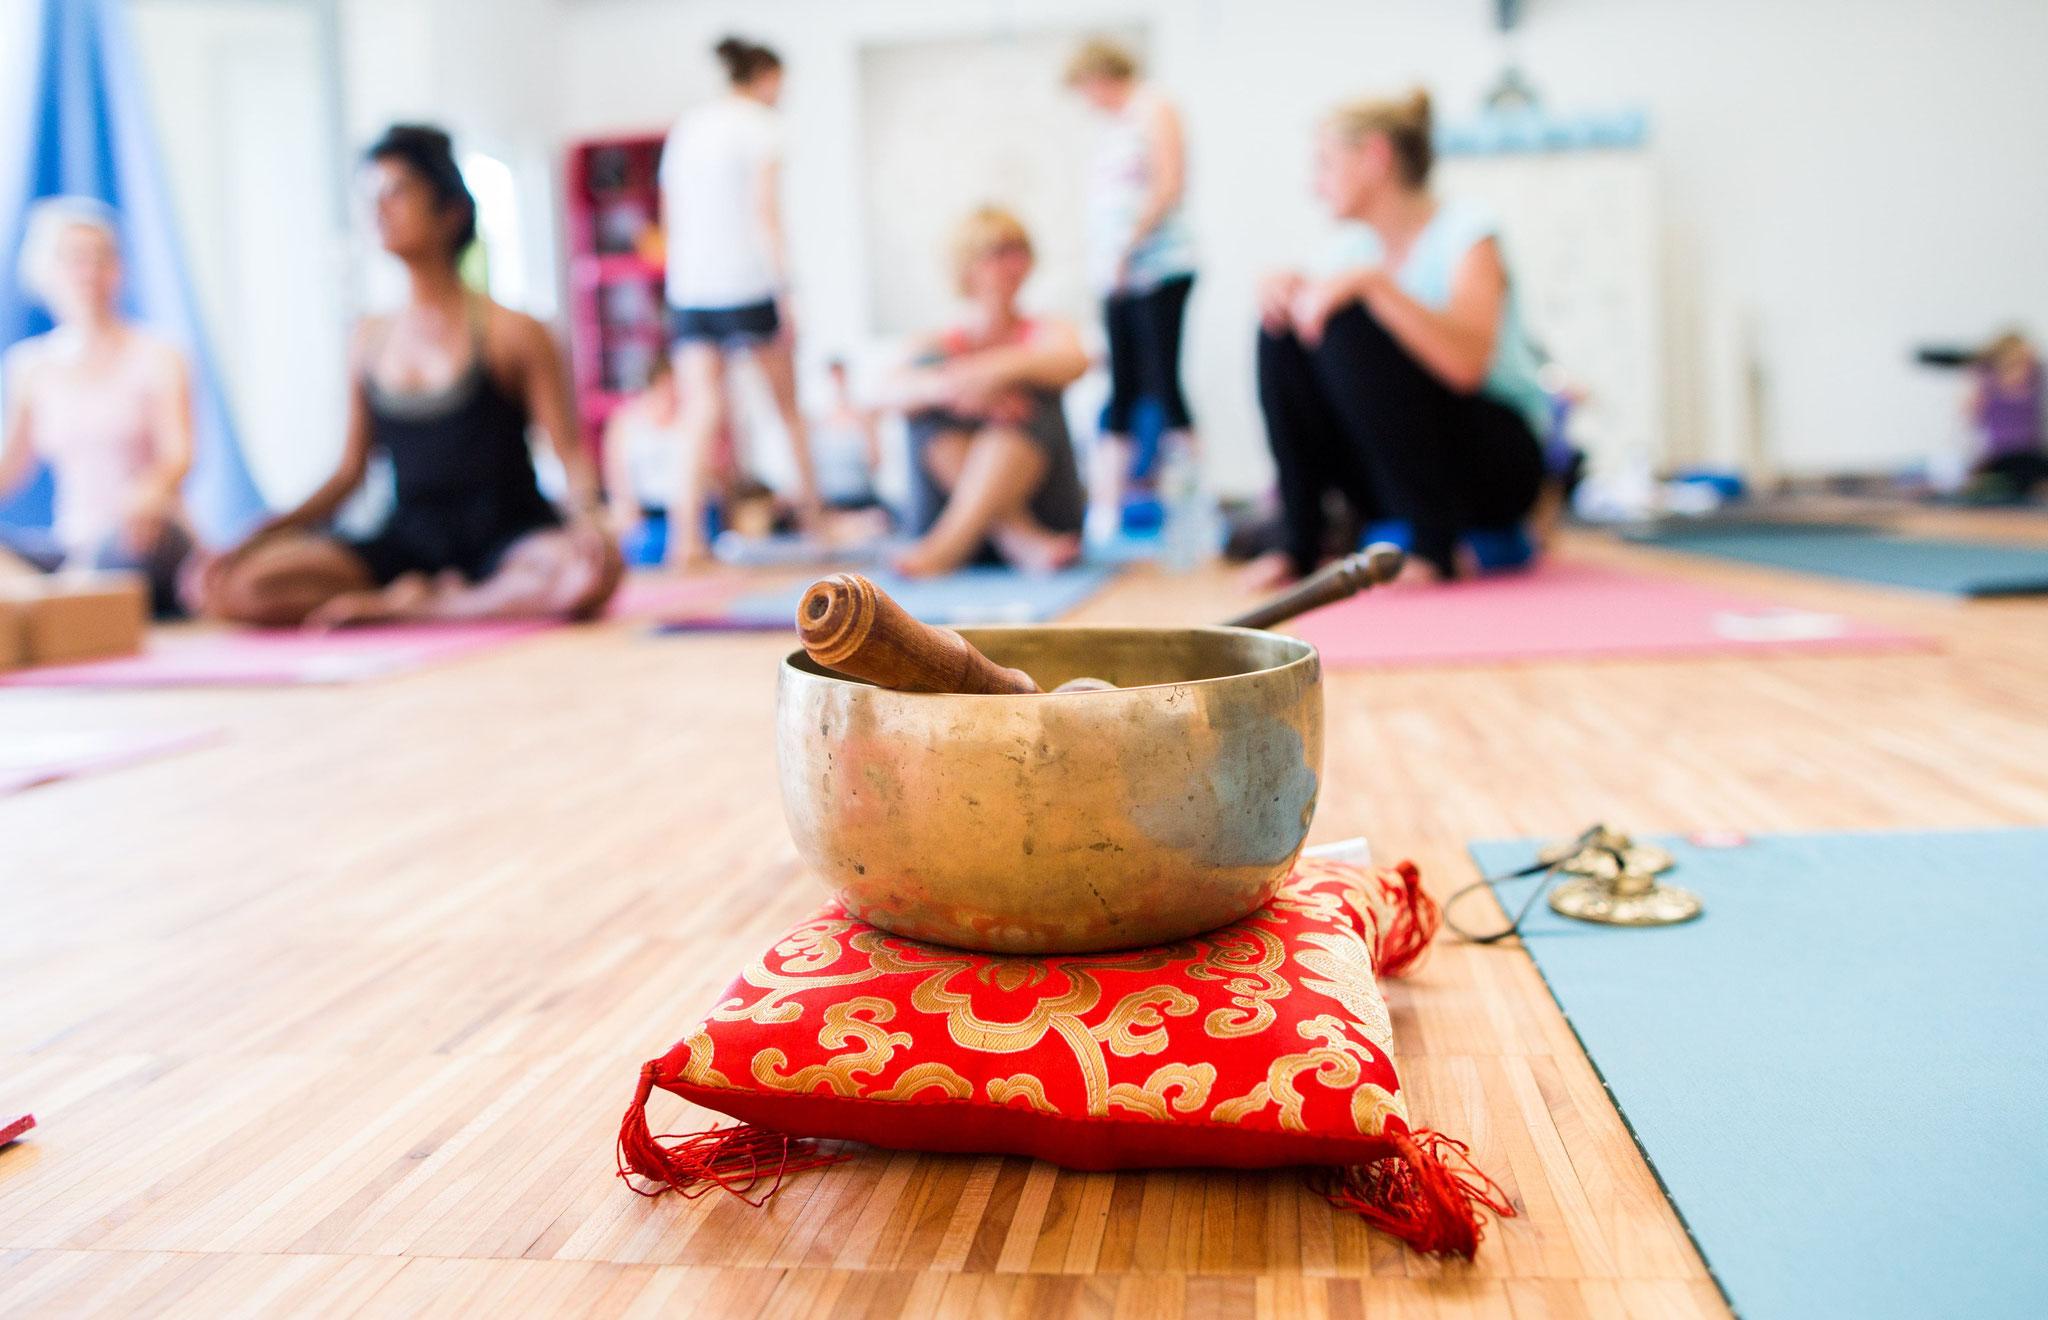 Yoga Workshop mit Surinder Singh bei Yamida - Yogaschule Lüdinghausen, Selm, Nordkirchen, Ascheberg, Cappenberg, Olfen, Senden